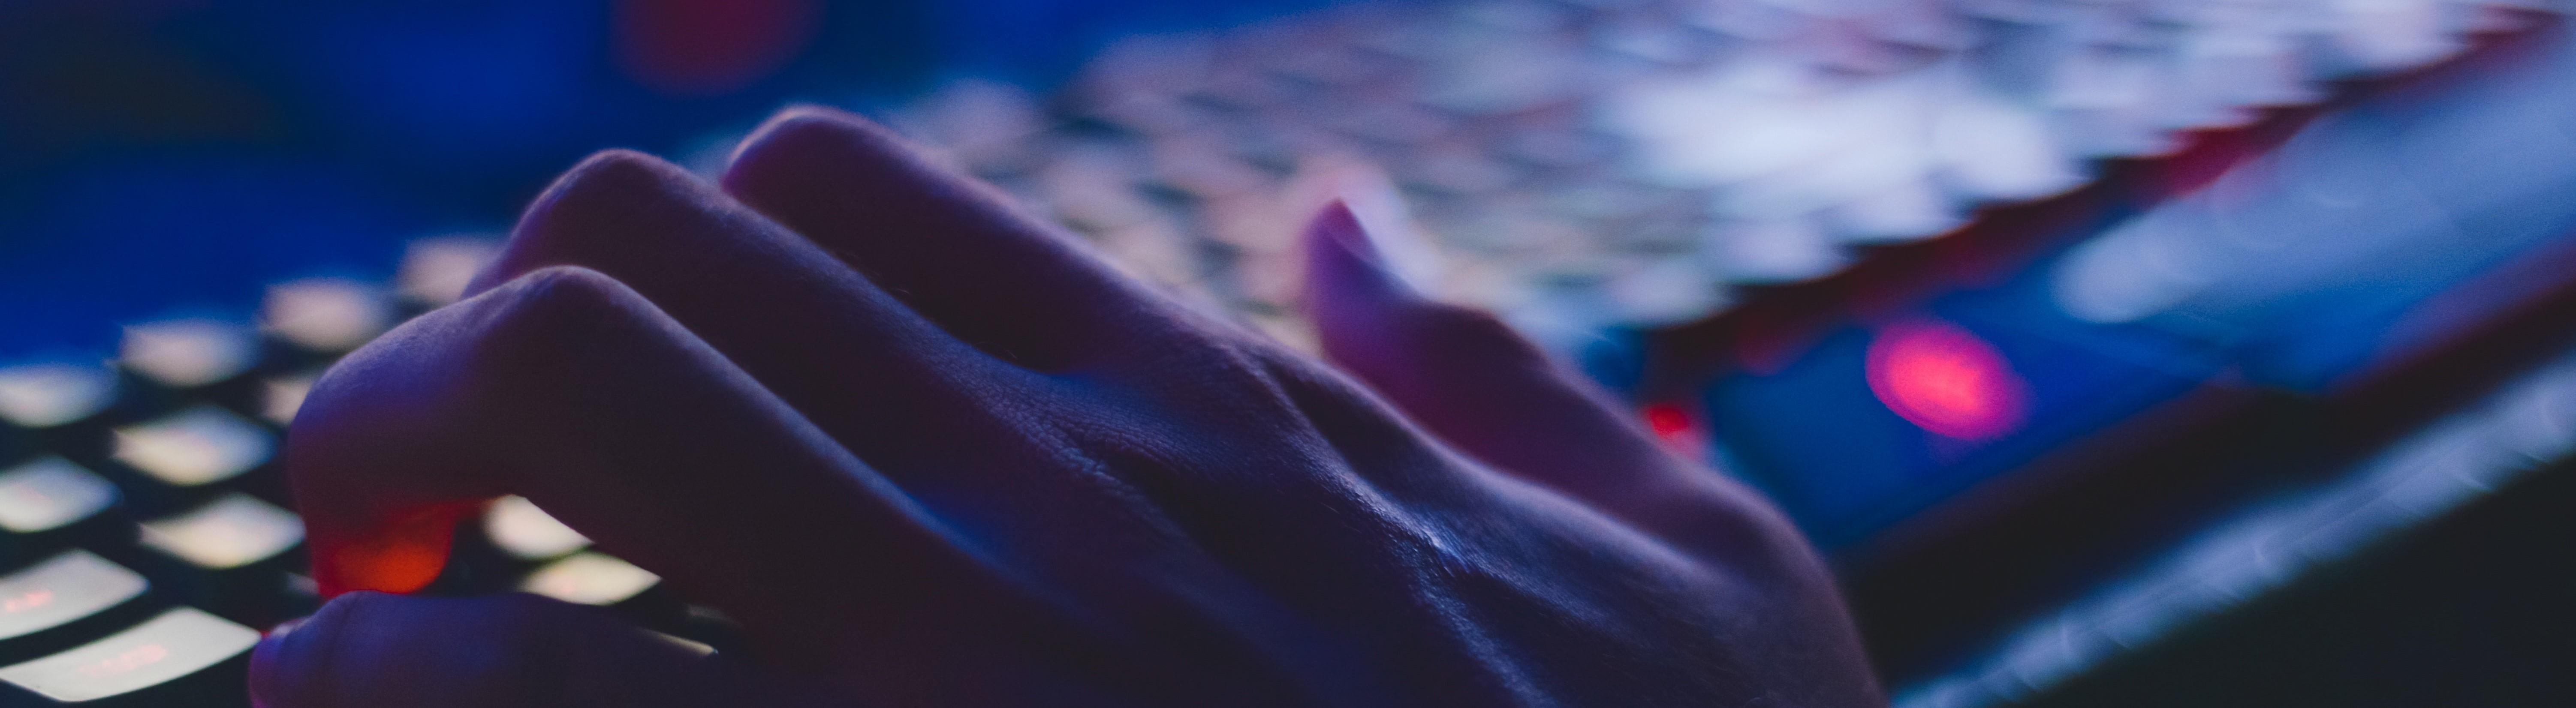 Eine Hand tippt auf einer beleuchteten Tastatur.